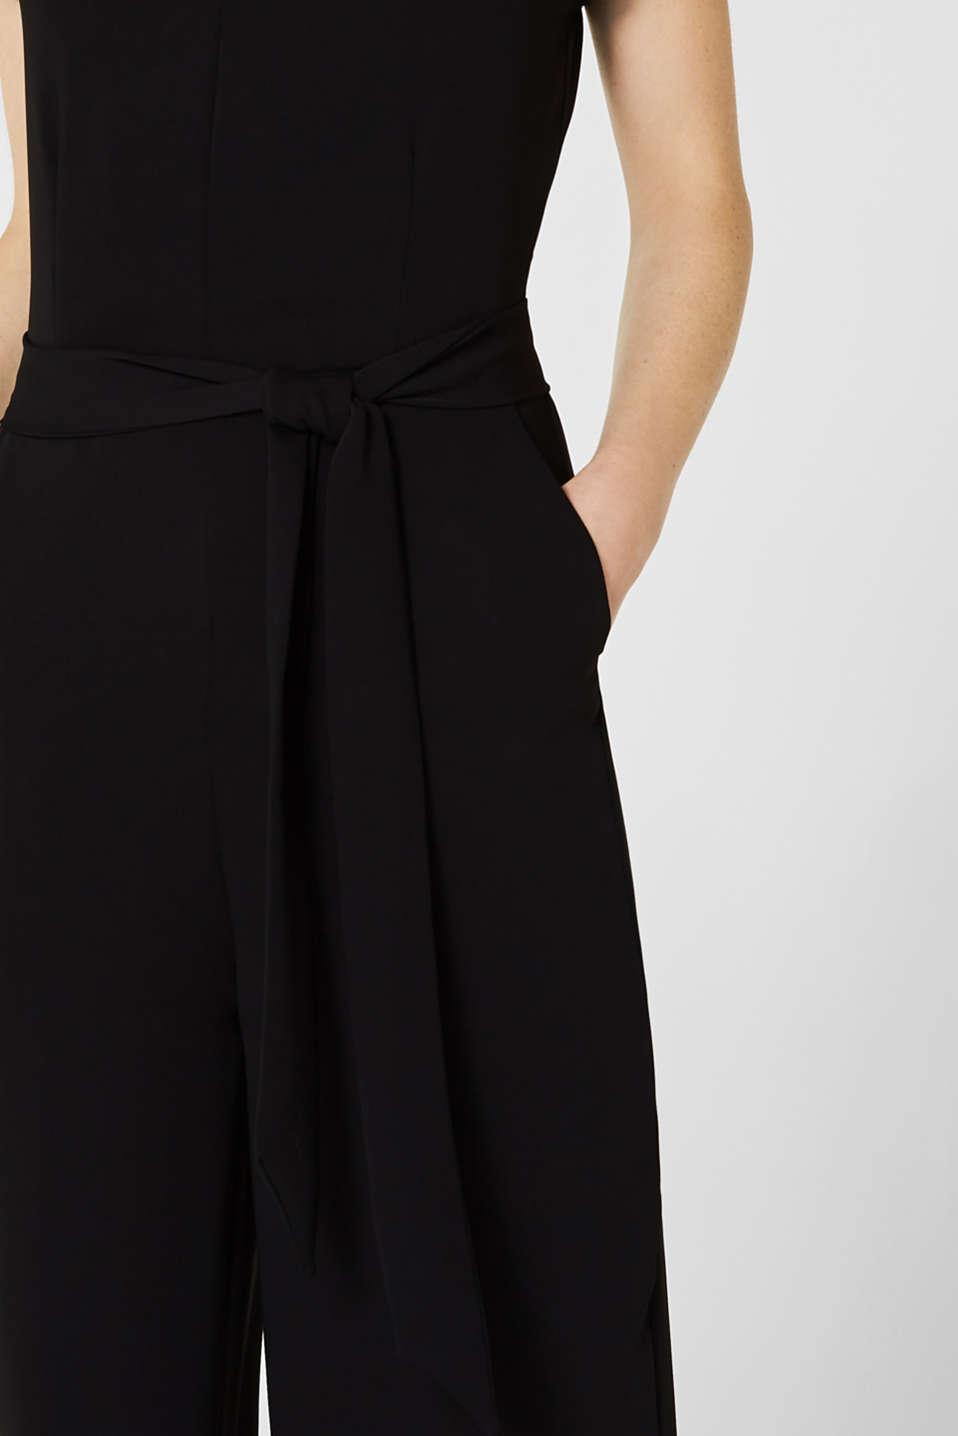 V-neck jumpsuit with tie-around belt, BLACK, detail image number 2